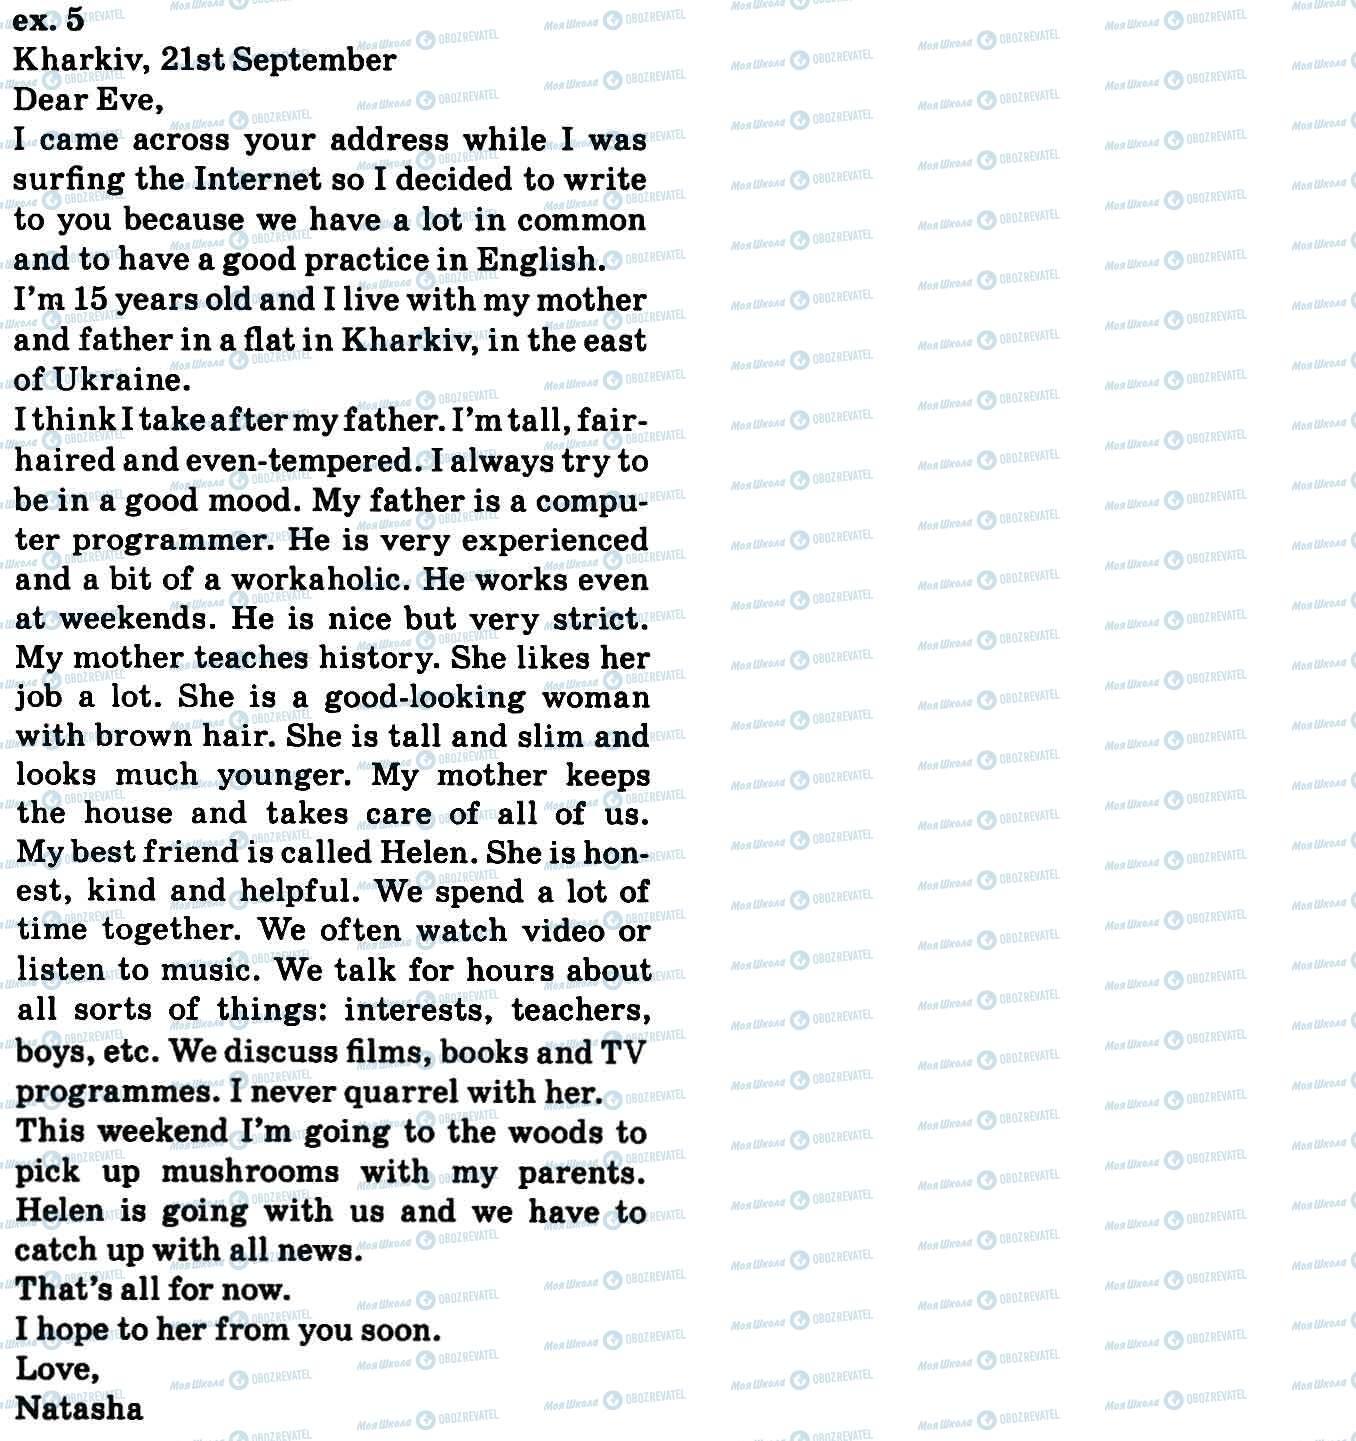 ГДЗ Англійська мова 9 клас сторінка 5